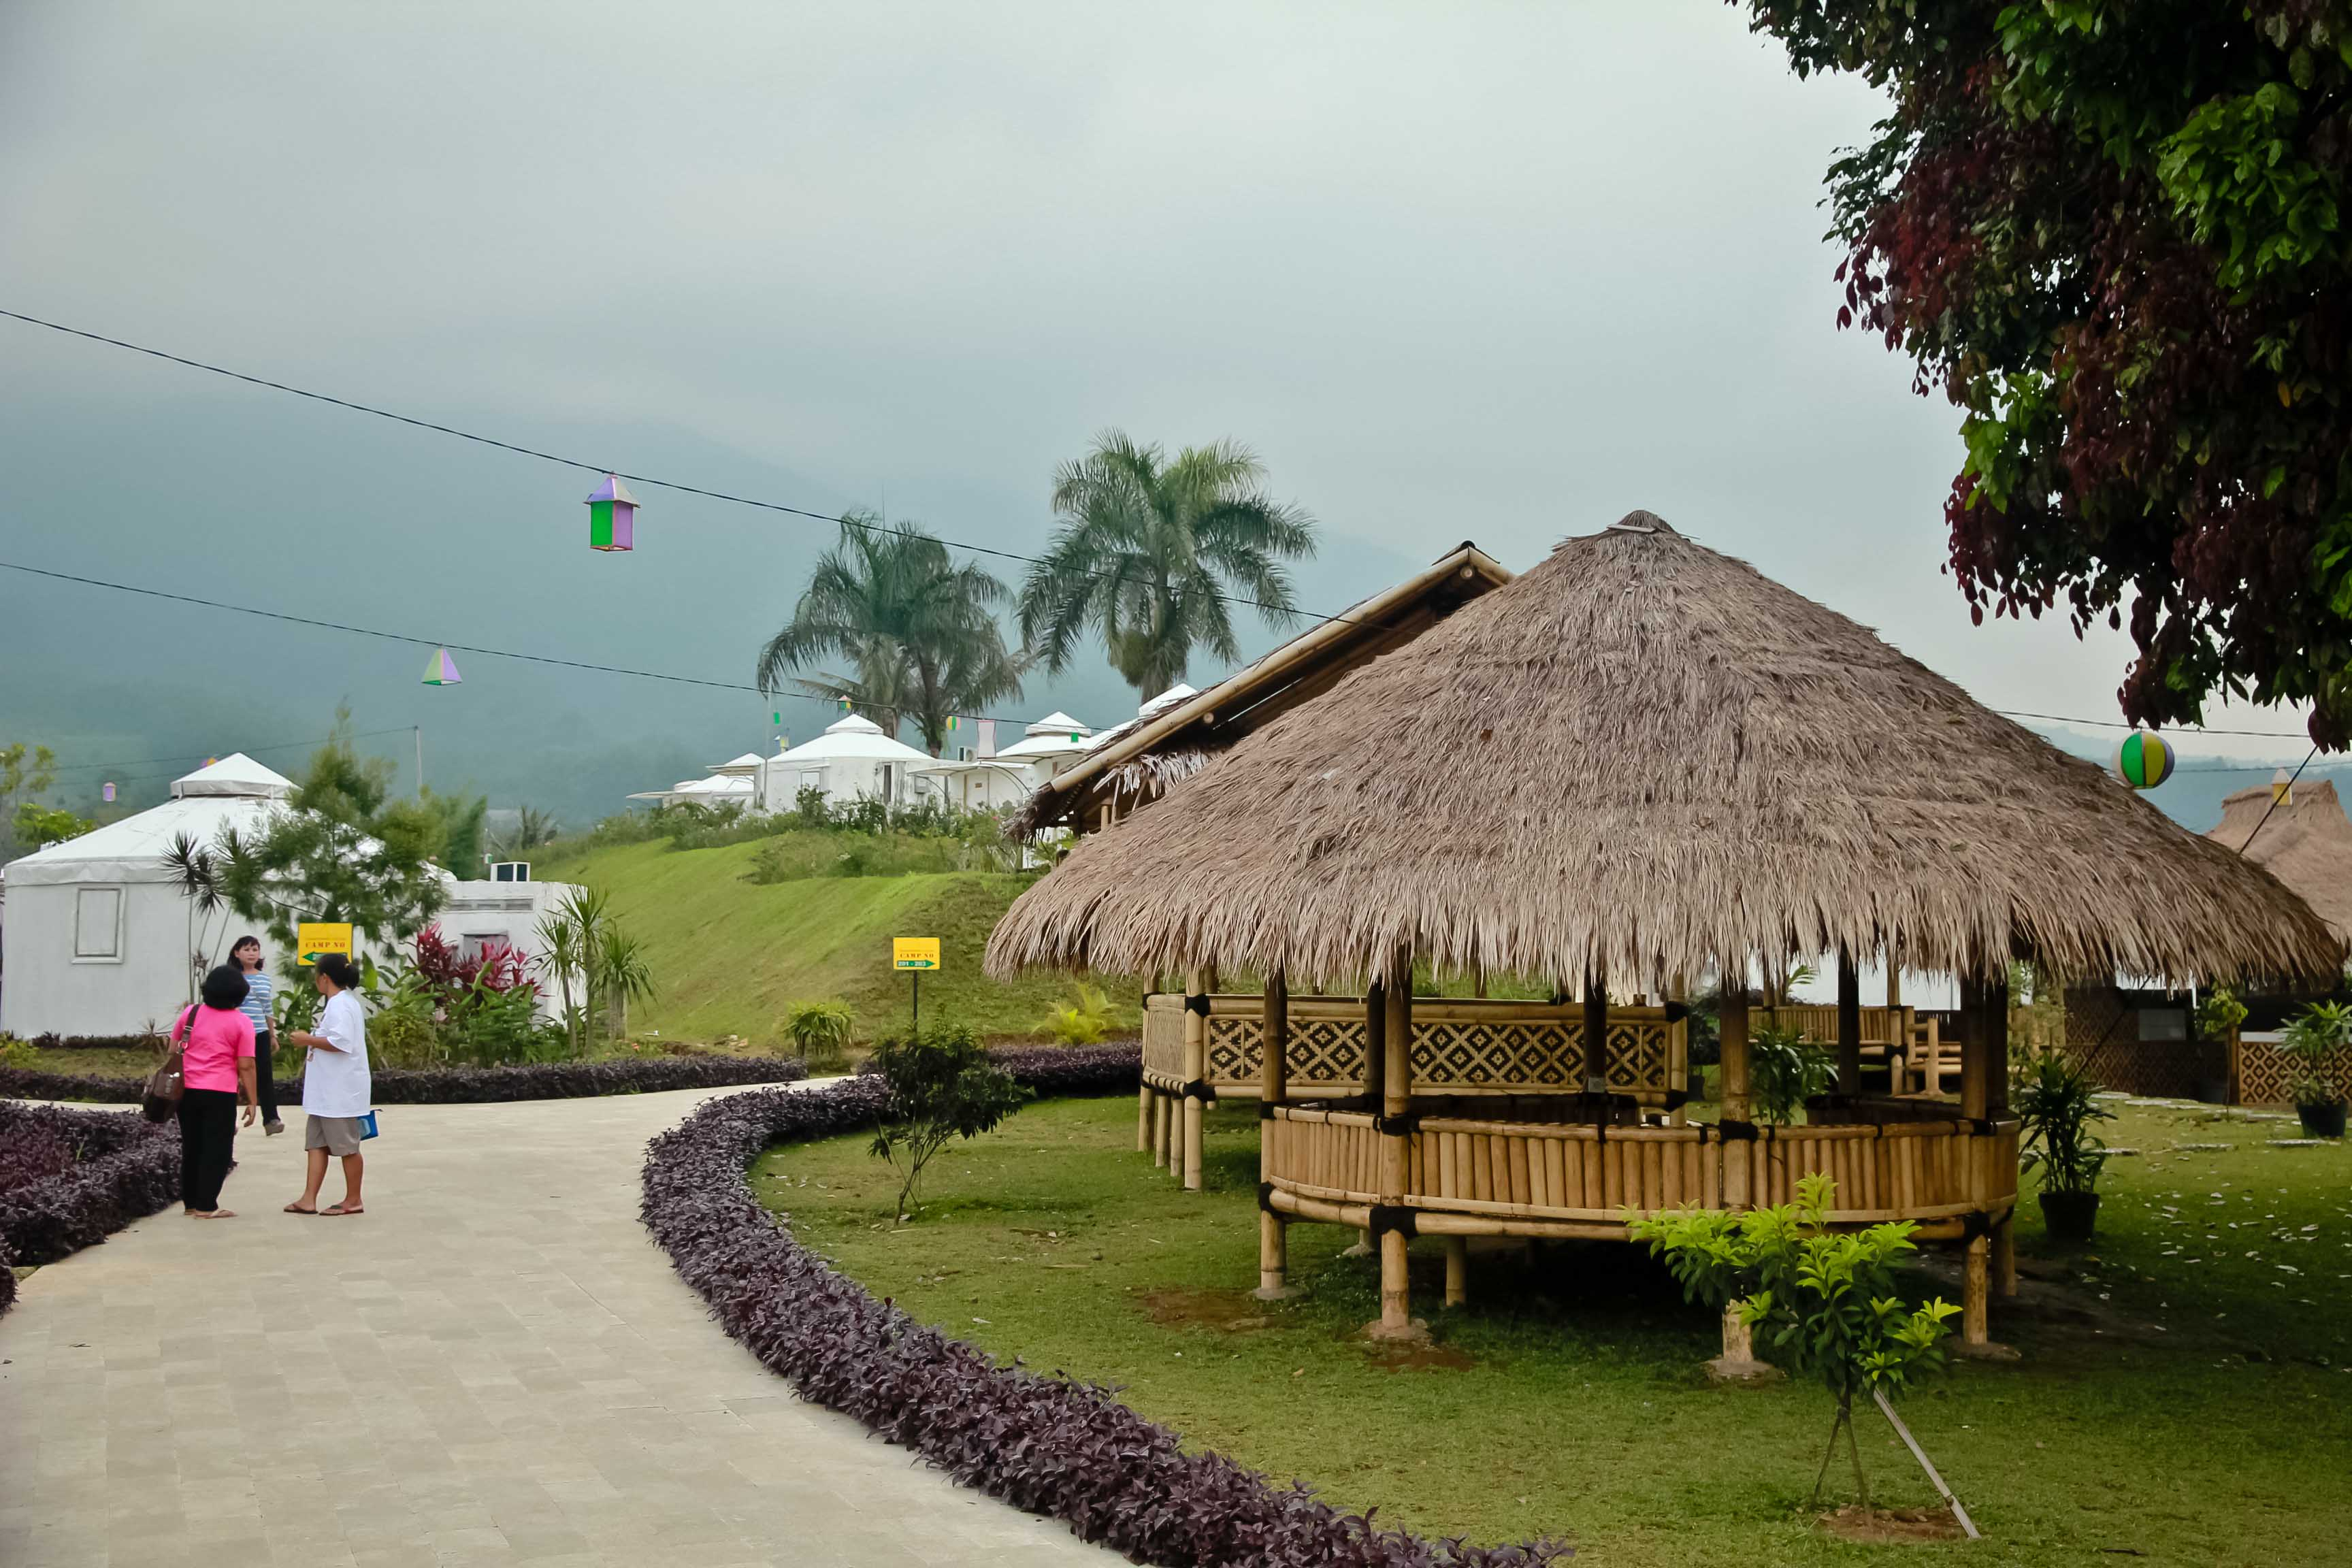 Menginap Di Tenda Mongolia Highland Park Resort Bogor